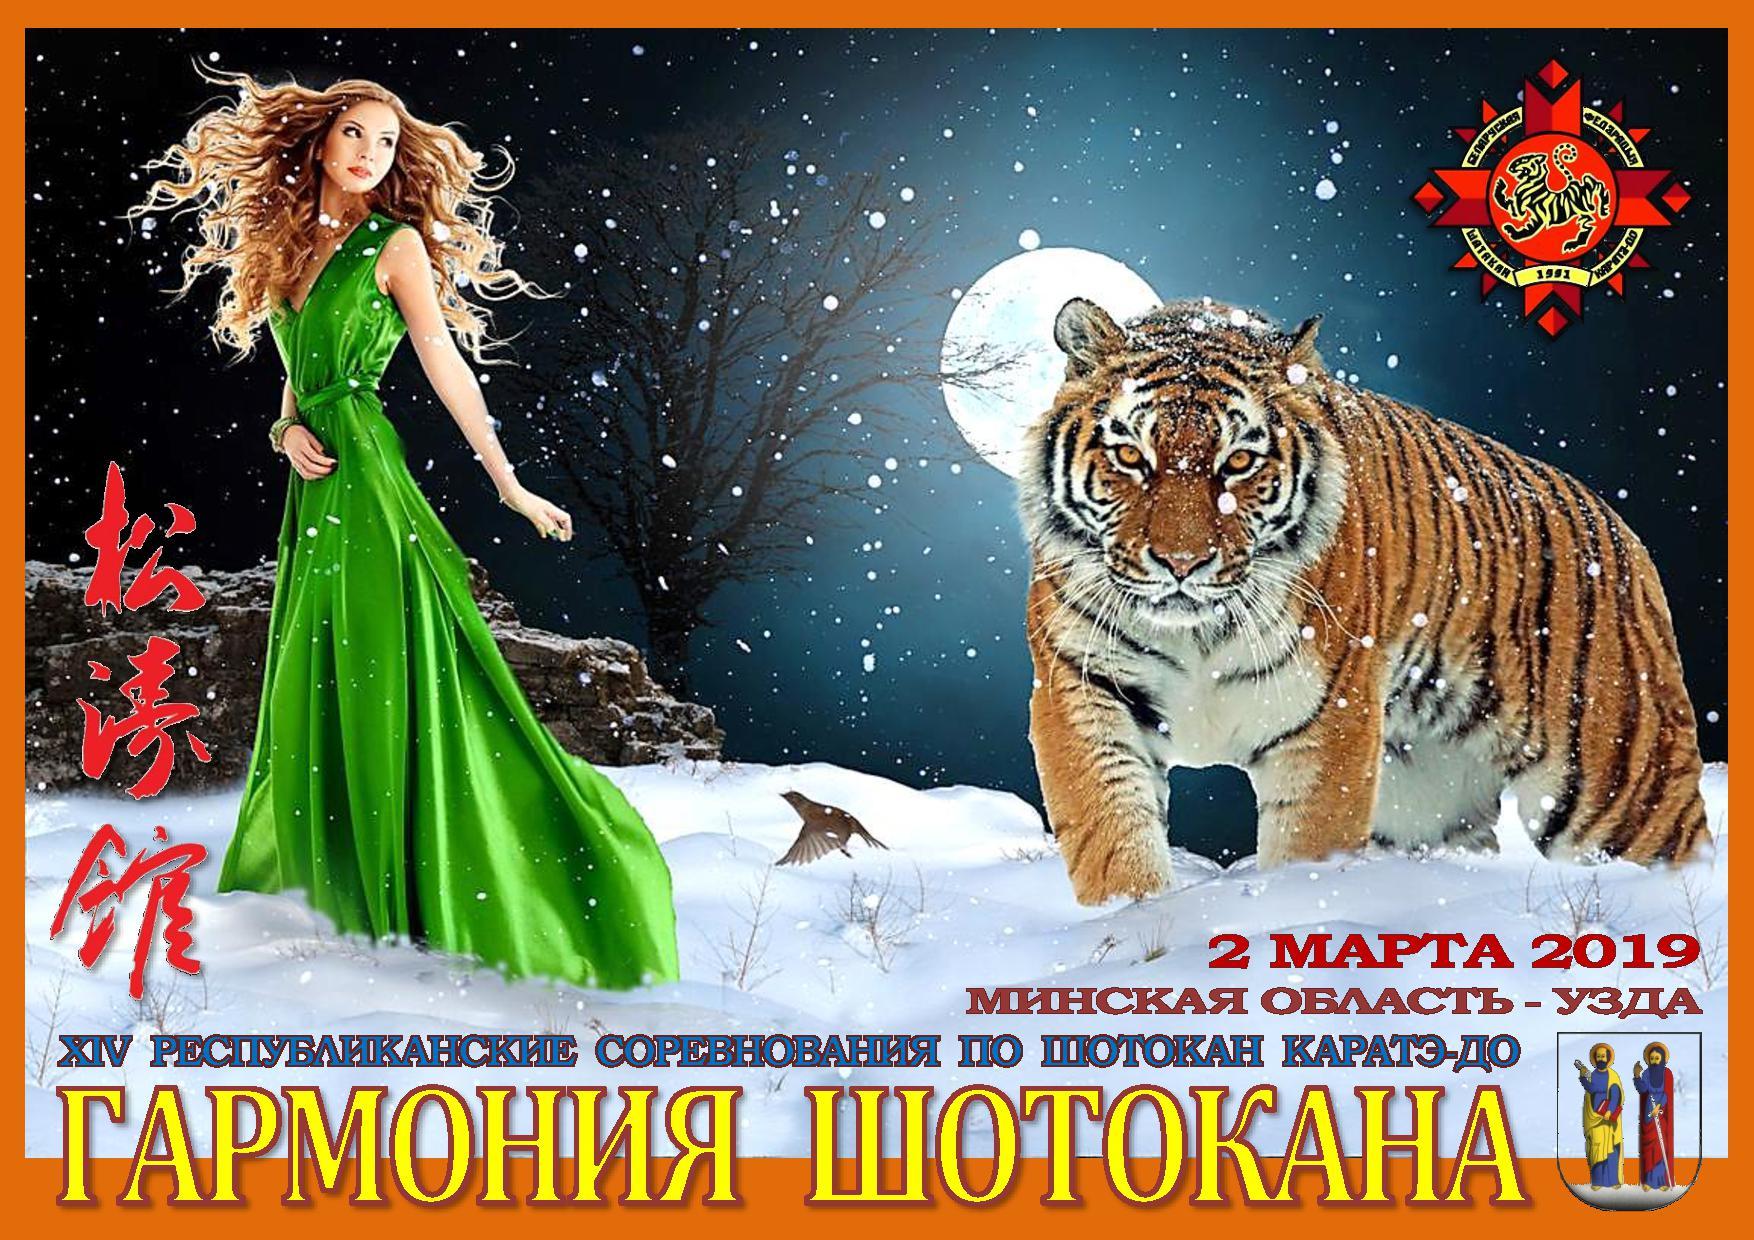 Минская область, Узда, 2 марта 2019 года, Гармония шотокана-2019